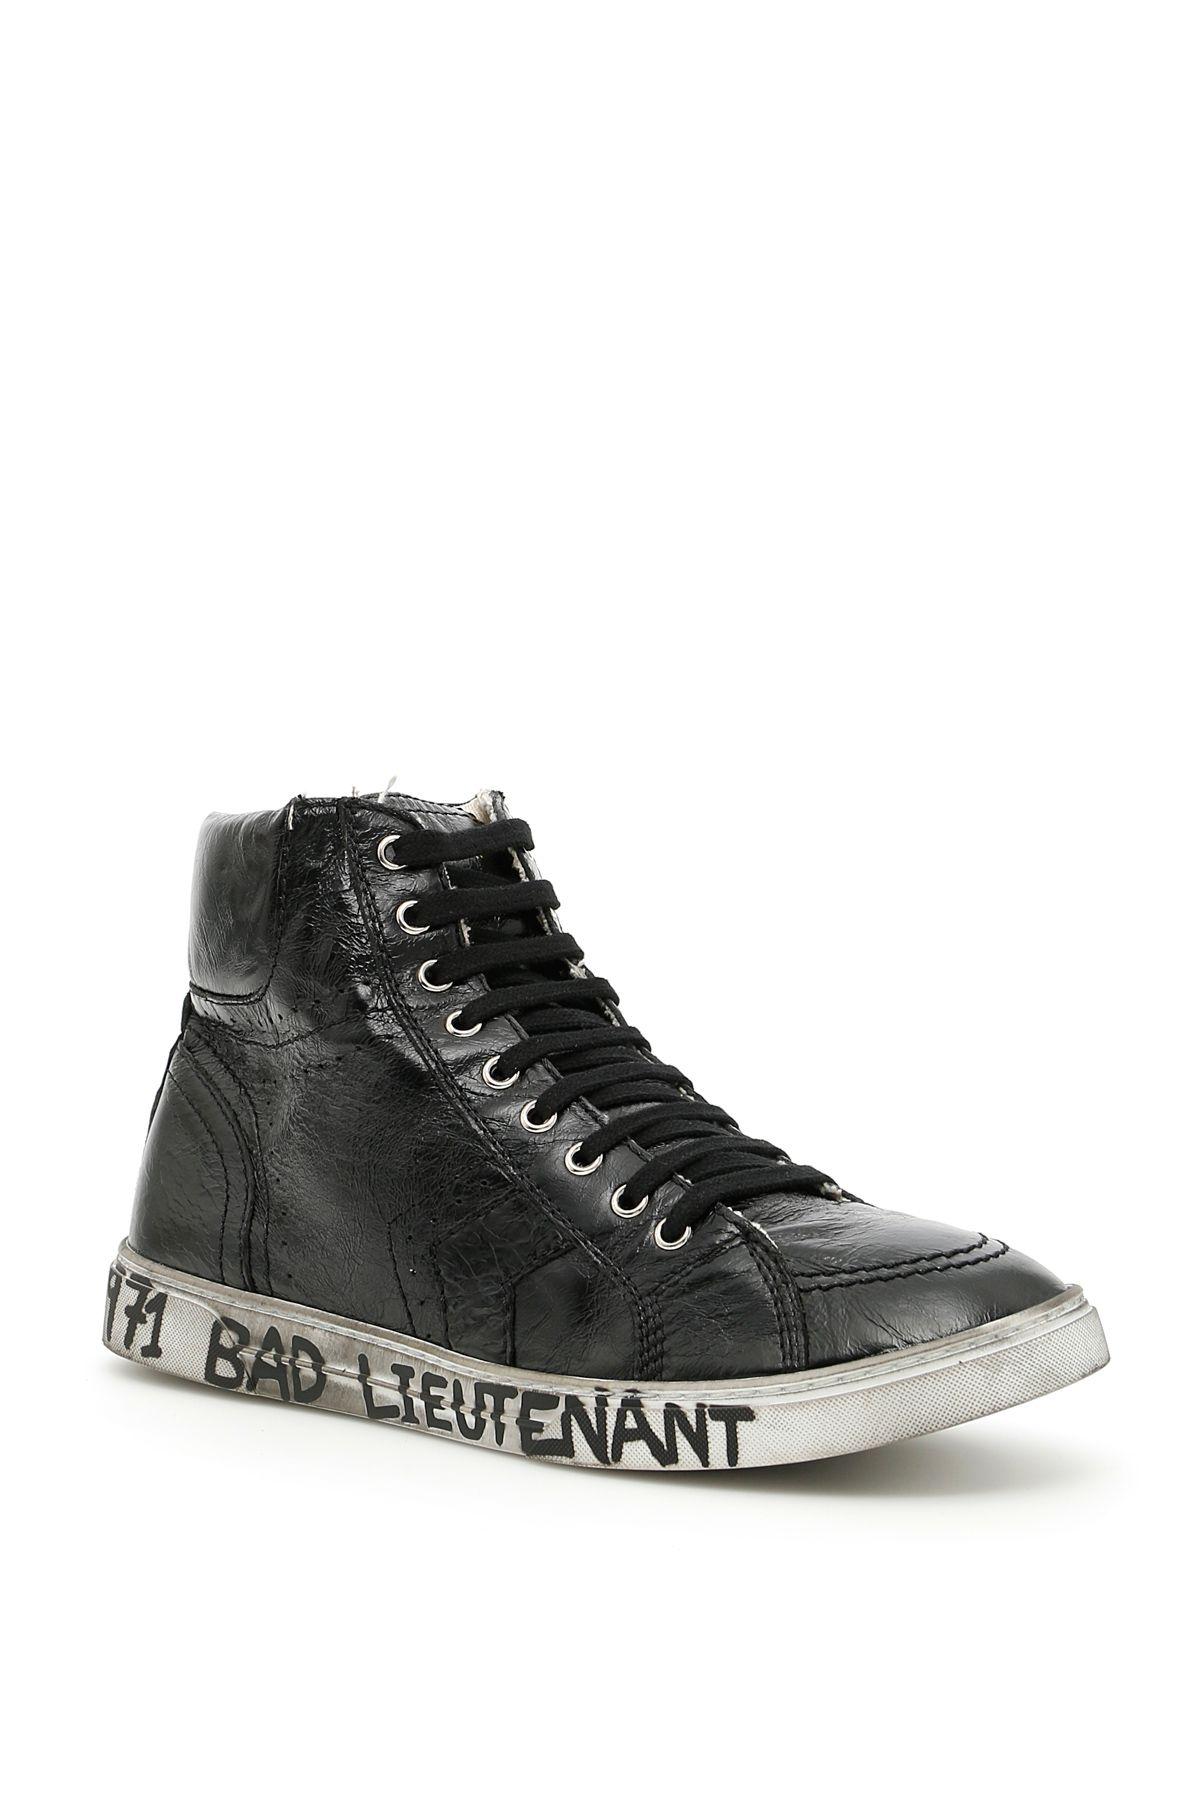 Joe Mid Top Sneakers